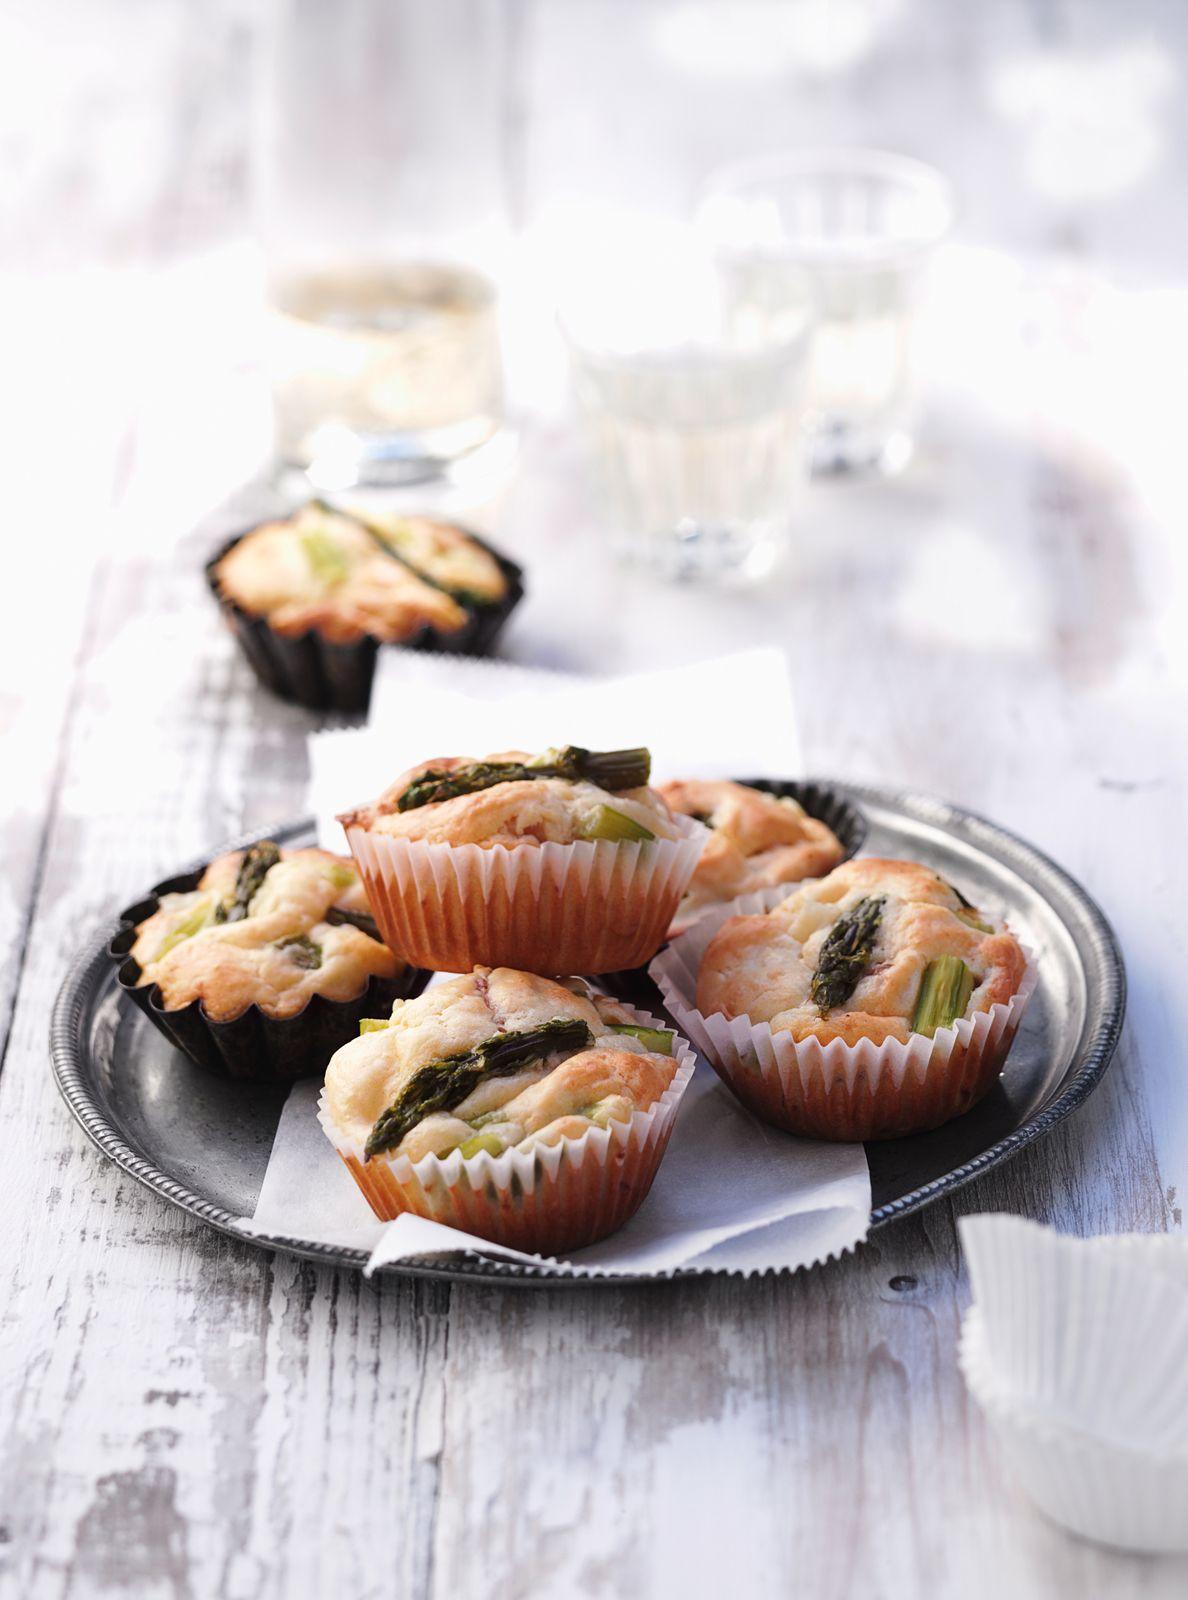 Pikante Spargelmuffins   Kalorien: 556 Kcal - Zeit: 25 Min.   http://eatsmarter.de/rezepte/pikante-spargelmuffins